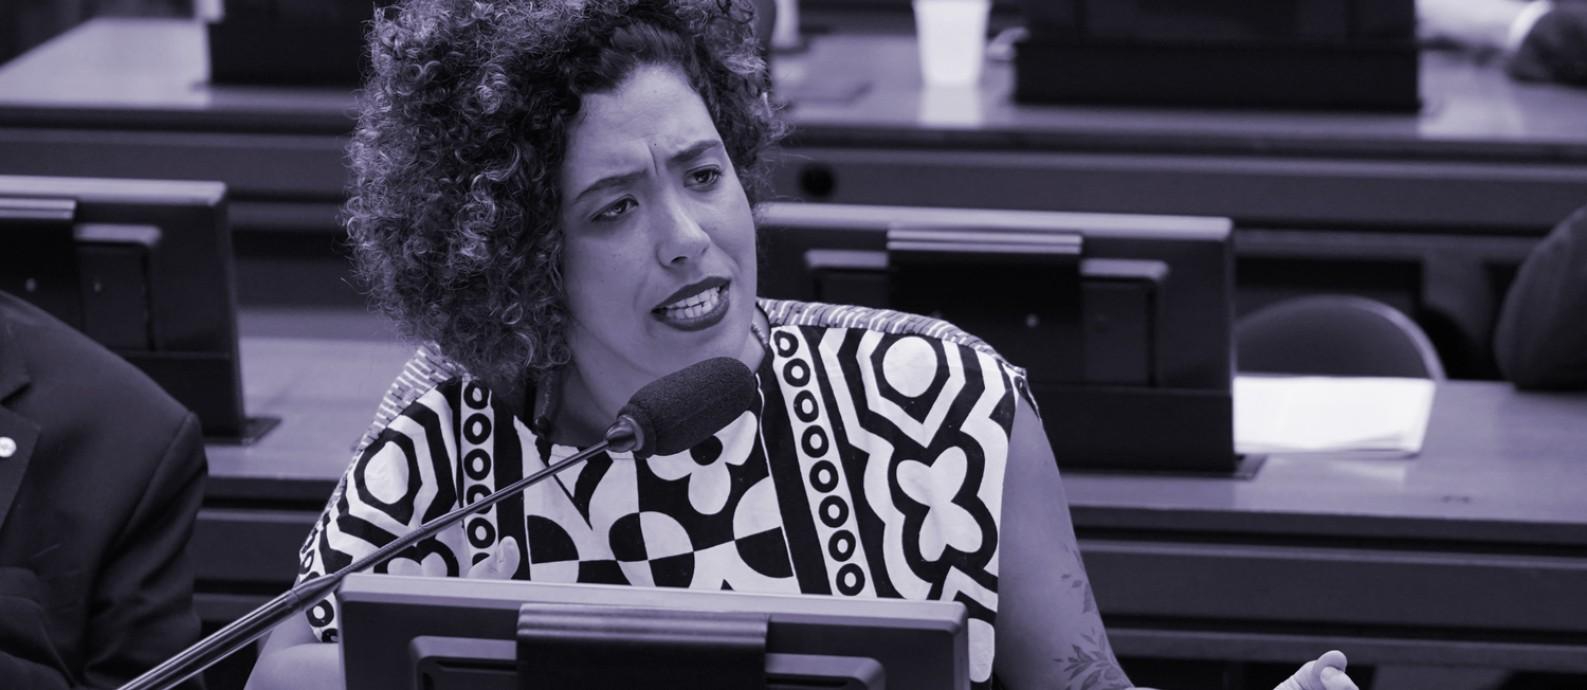 A deputada Talíria Petrone (PSOL-RJ), em sessão da Comissão de Constituição e Justiça da Câmara dos Deputados, em novembro de 2019 Foto: Pedro Valadares / Câmara dos Deputados